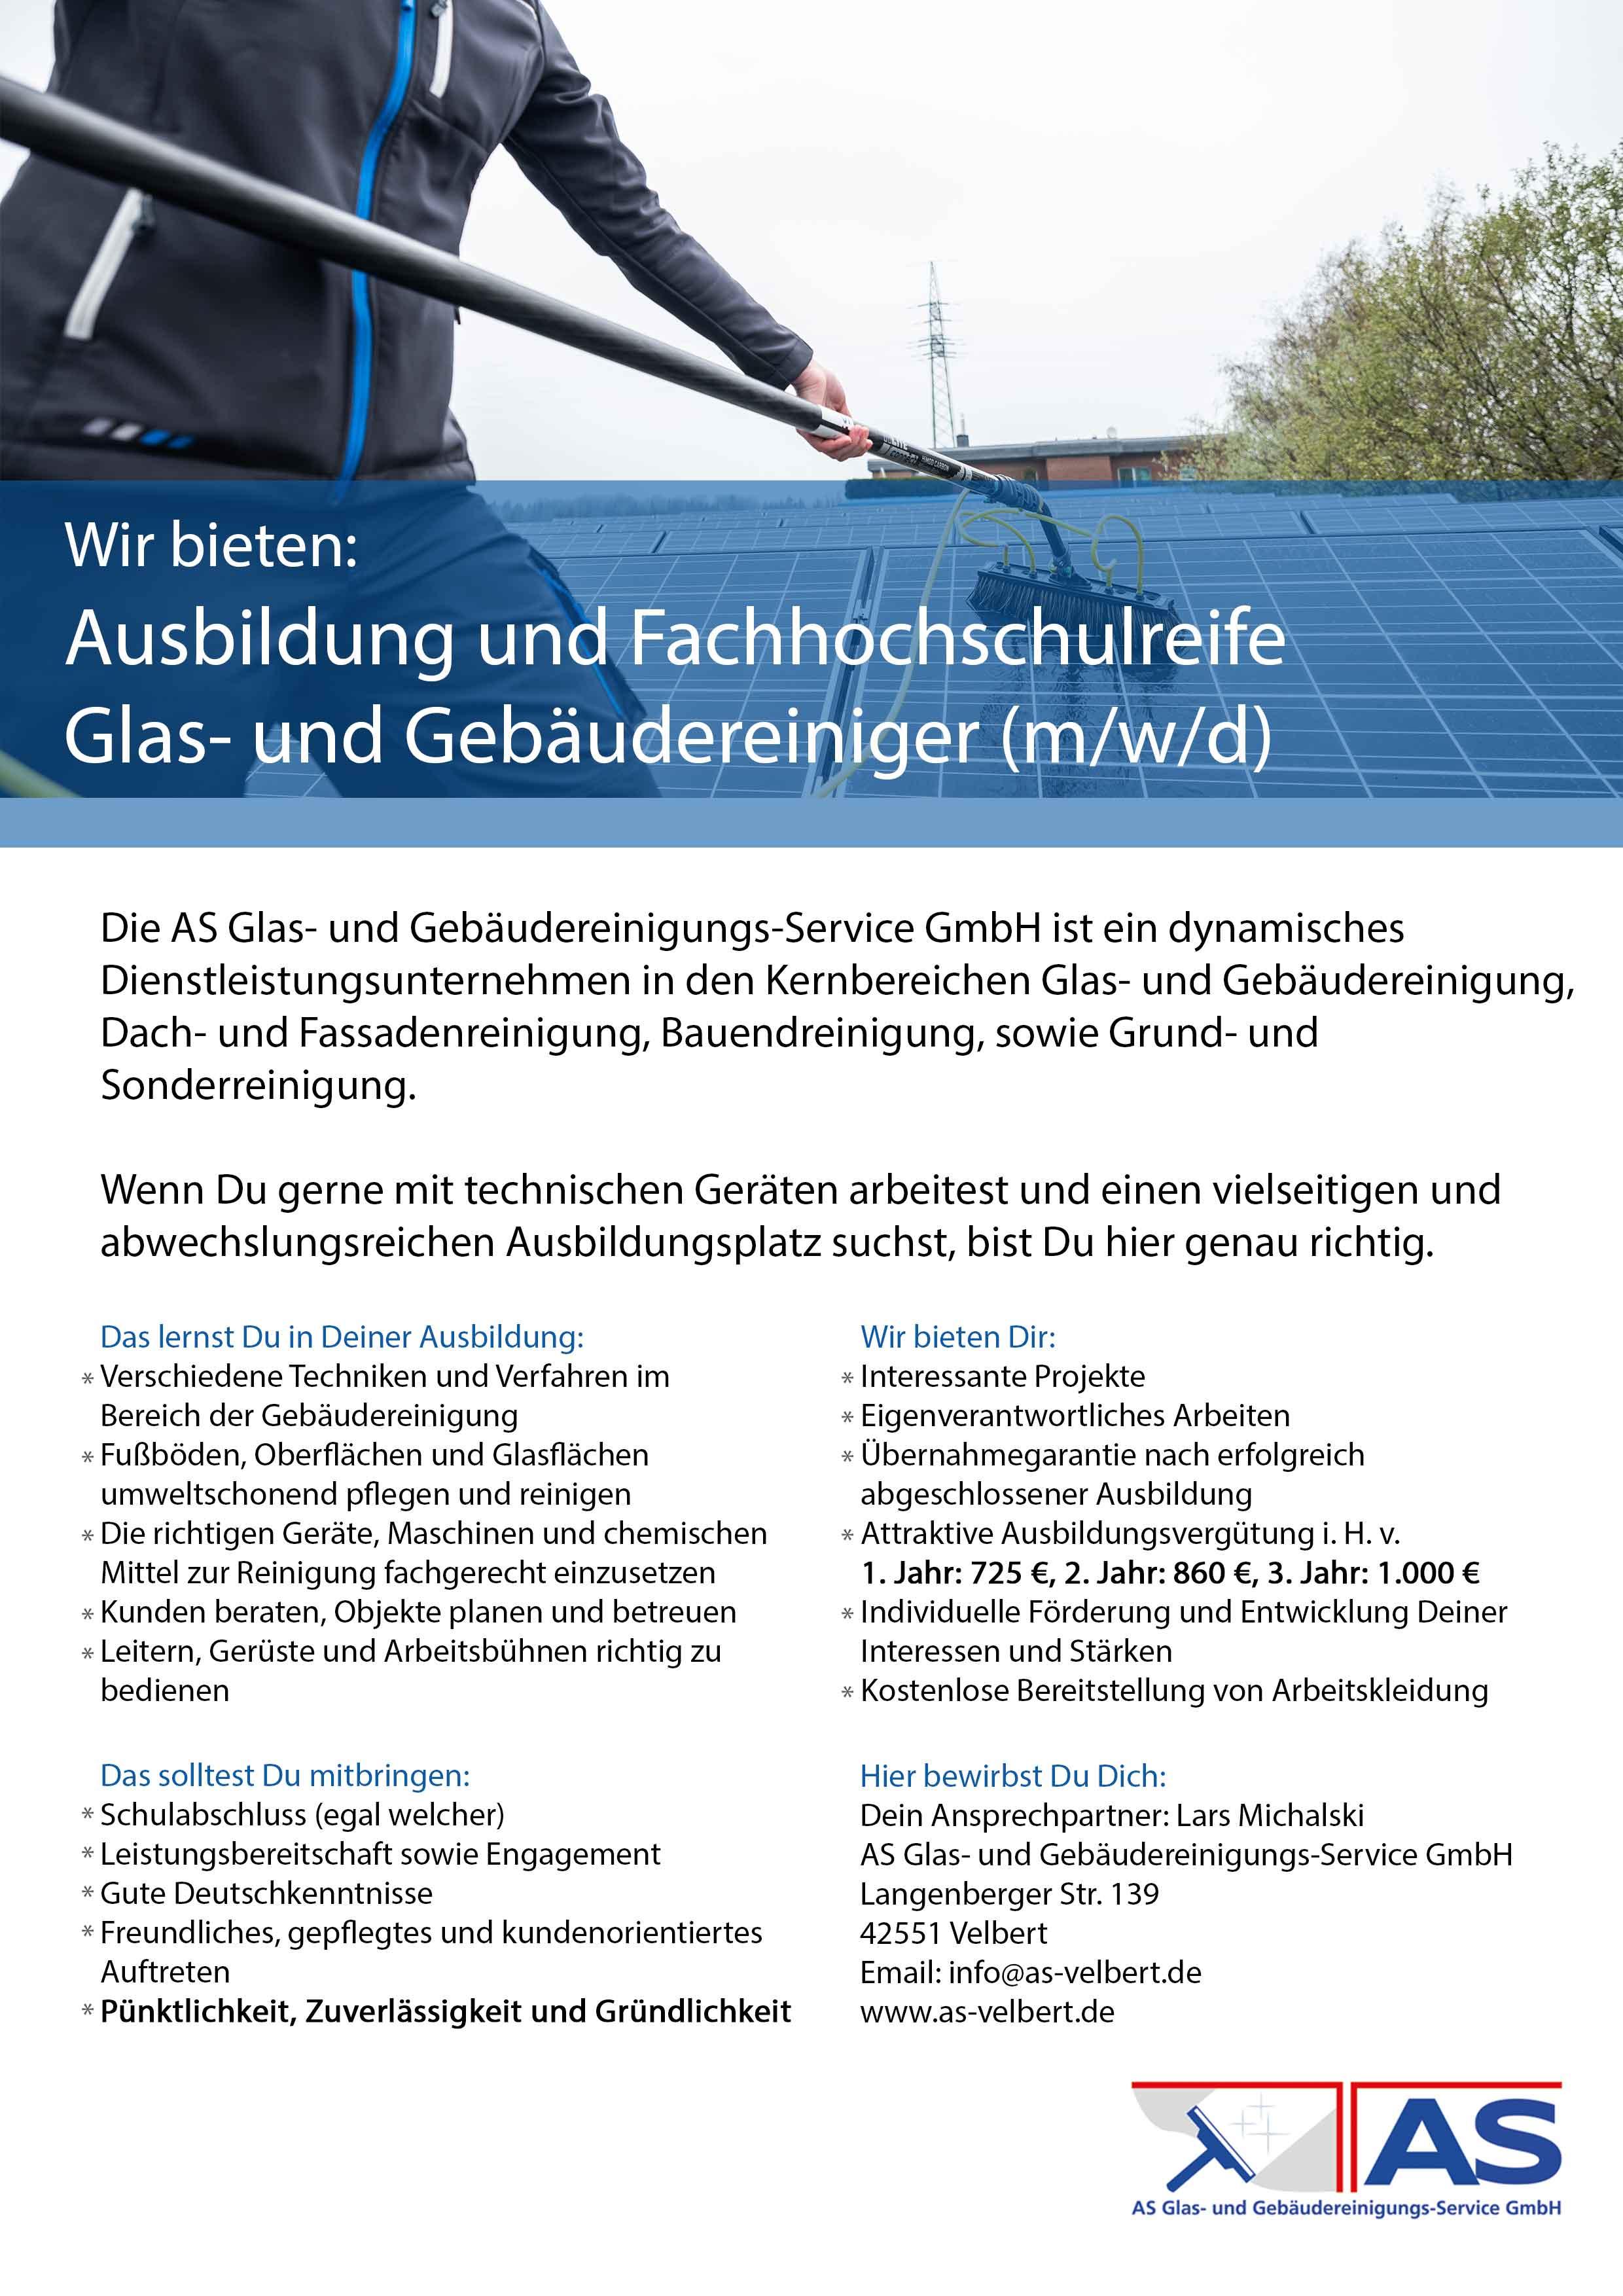 Stellenausschreibung_Gewerblich_Ausbildung-und-Fachhochschulreife_191115